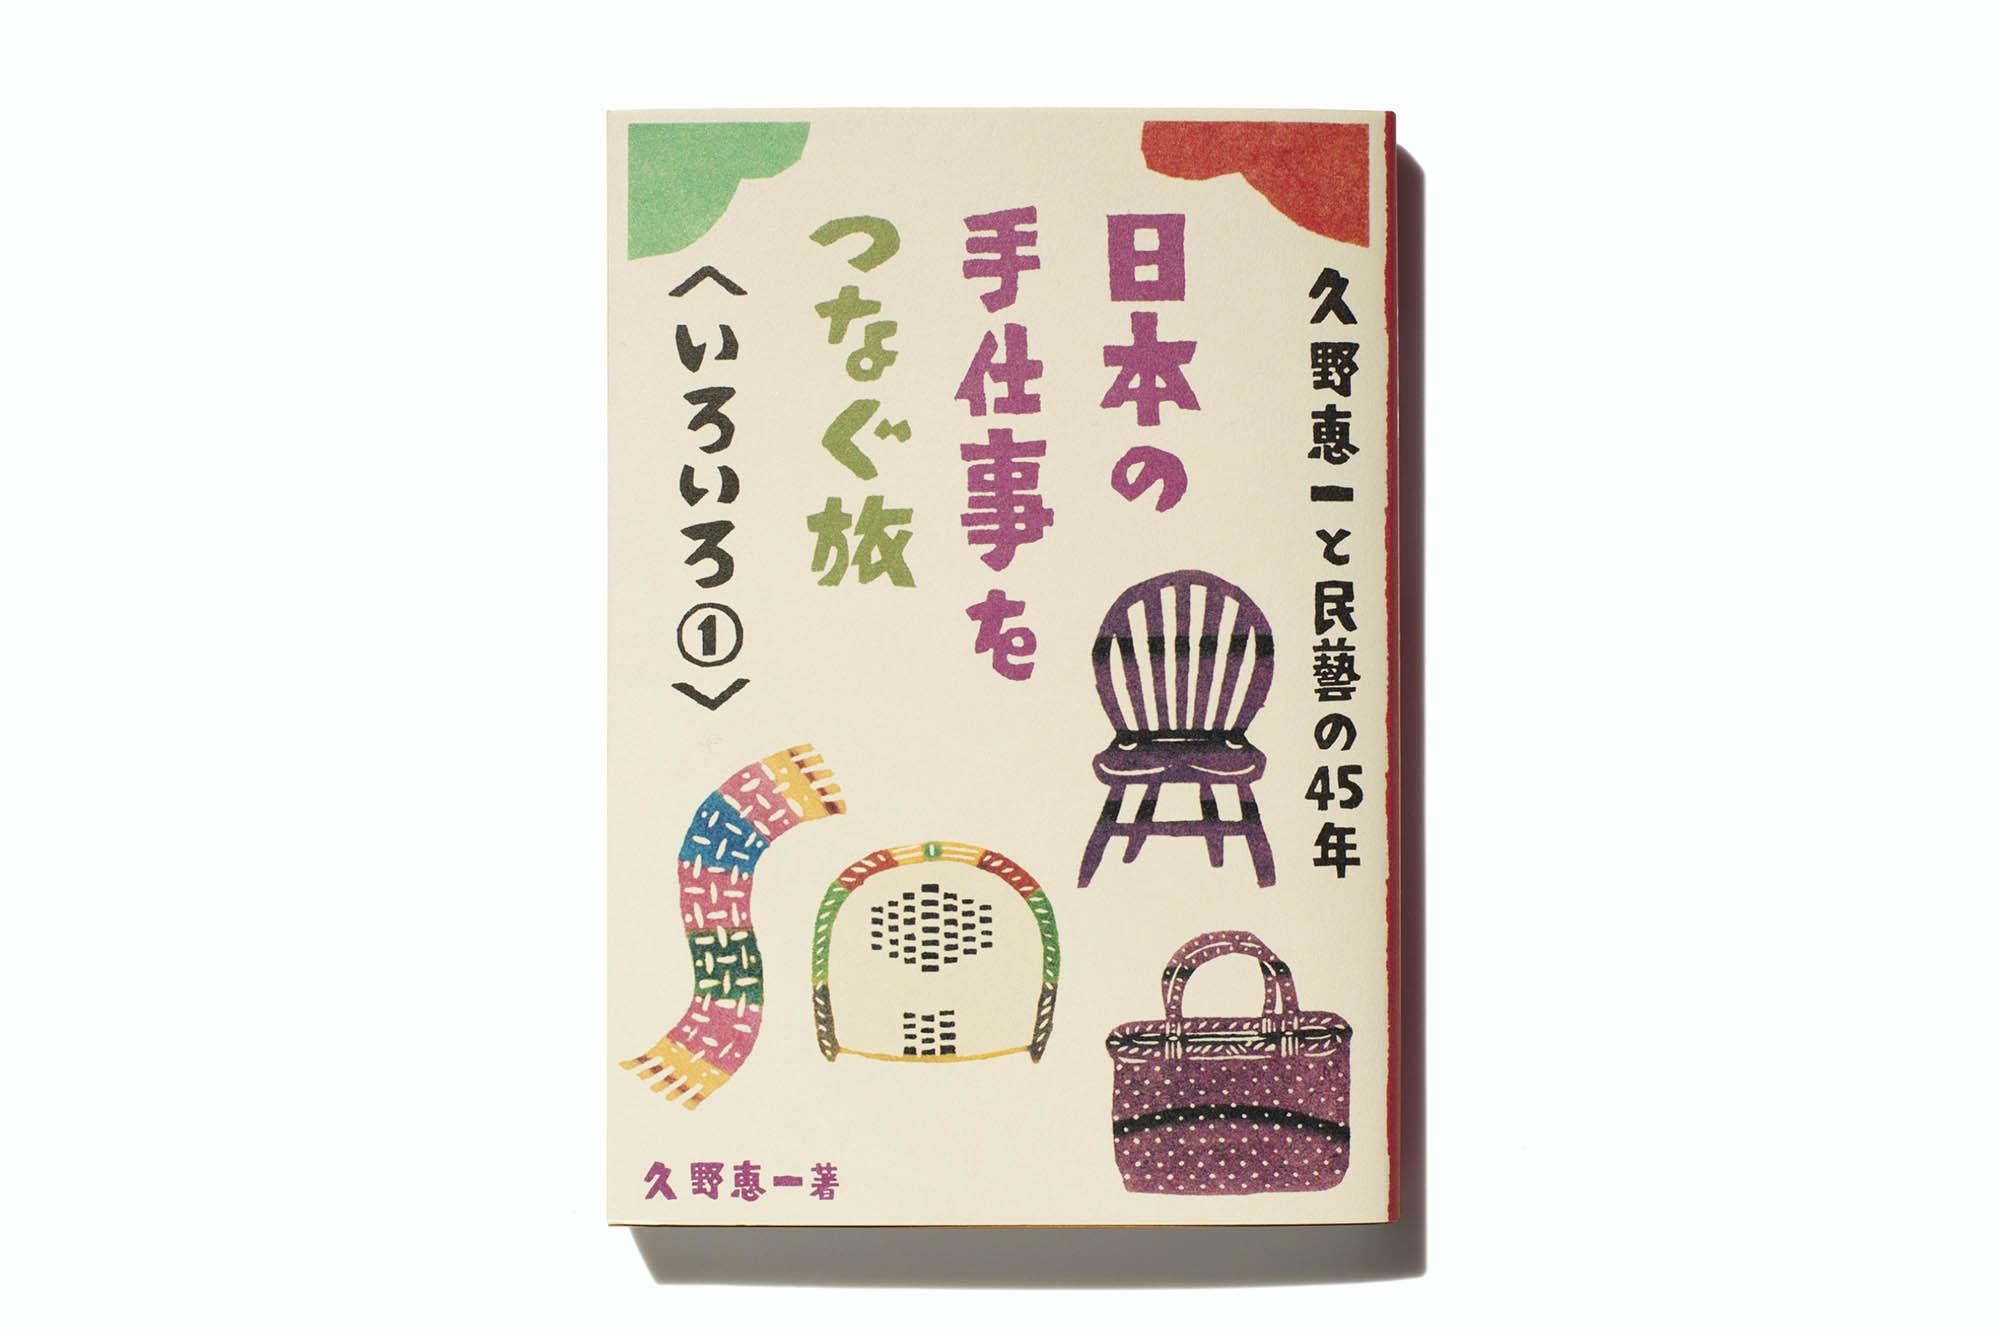 久野恵一と民藝の45年   日本の手仕事をつなぐ旅 〈いろいろ①〉 装幀 デザイン